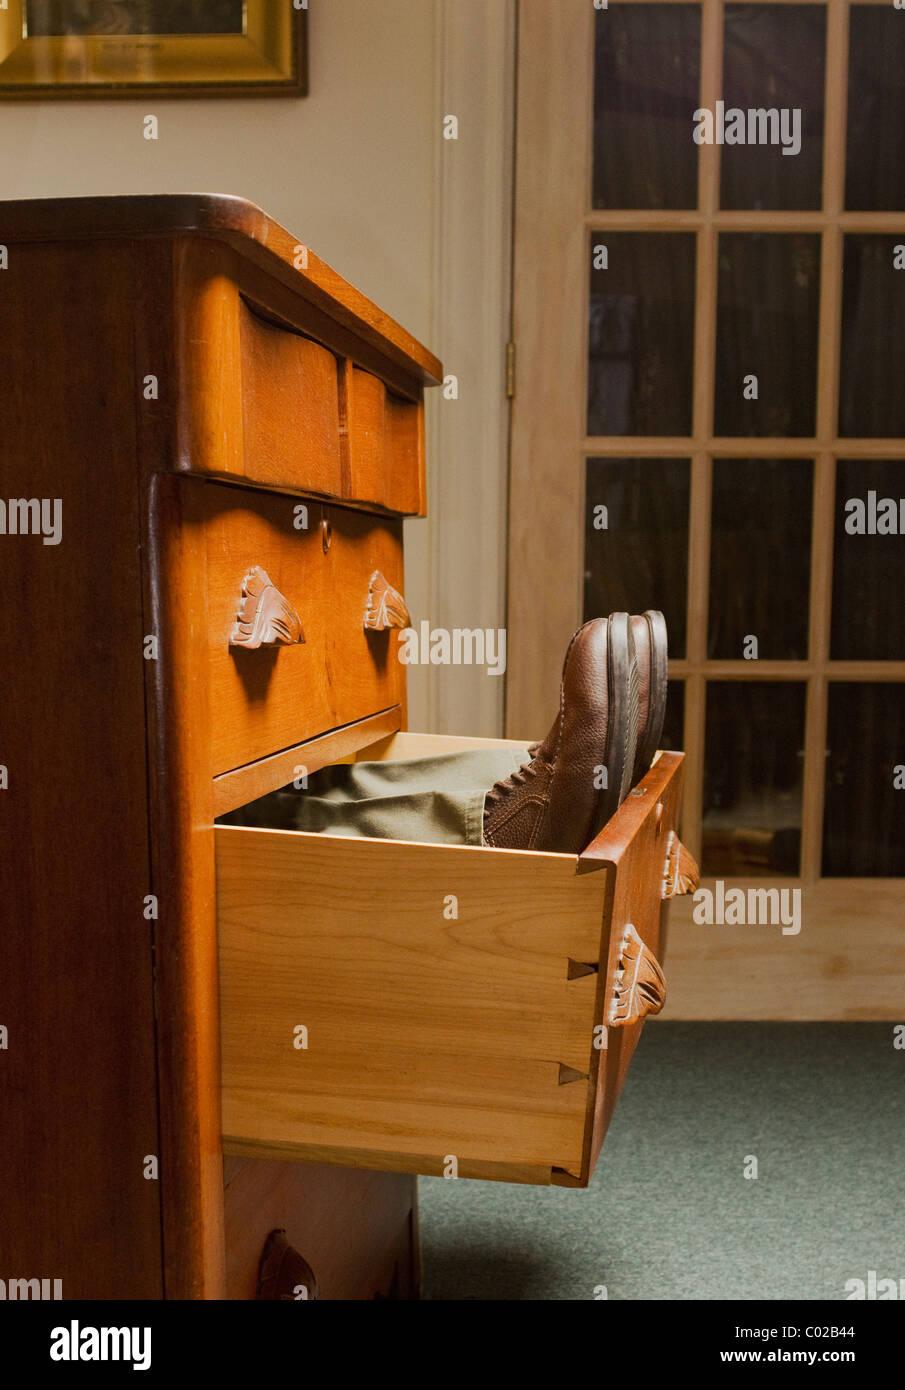 Mann die Beine und Schuhe liegen in Kommode Schublade öffnen Stockbild